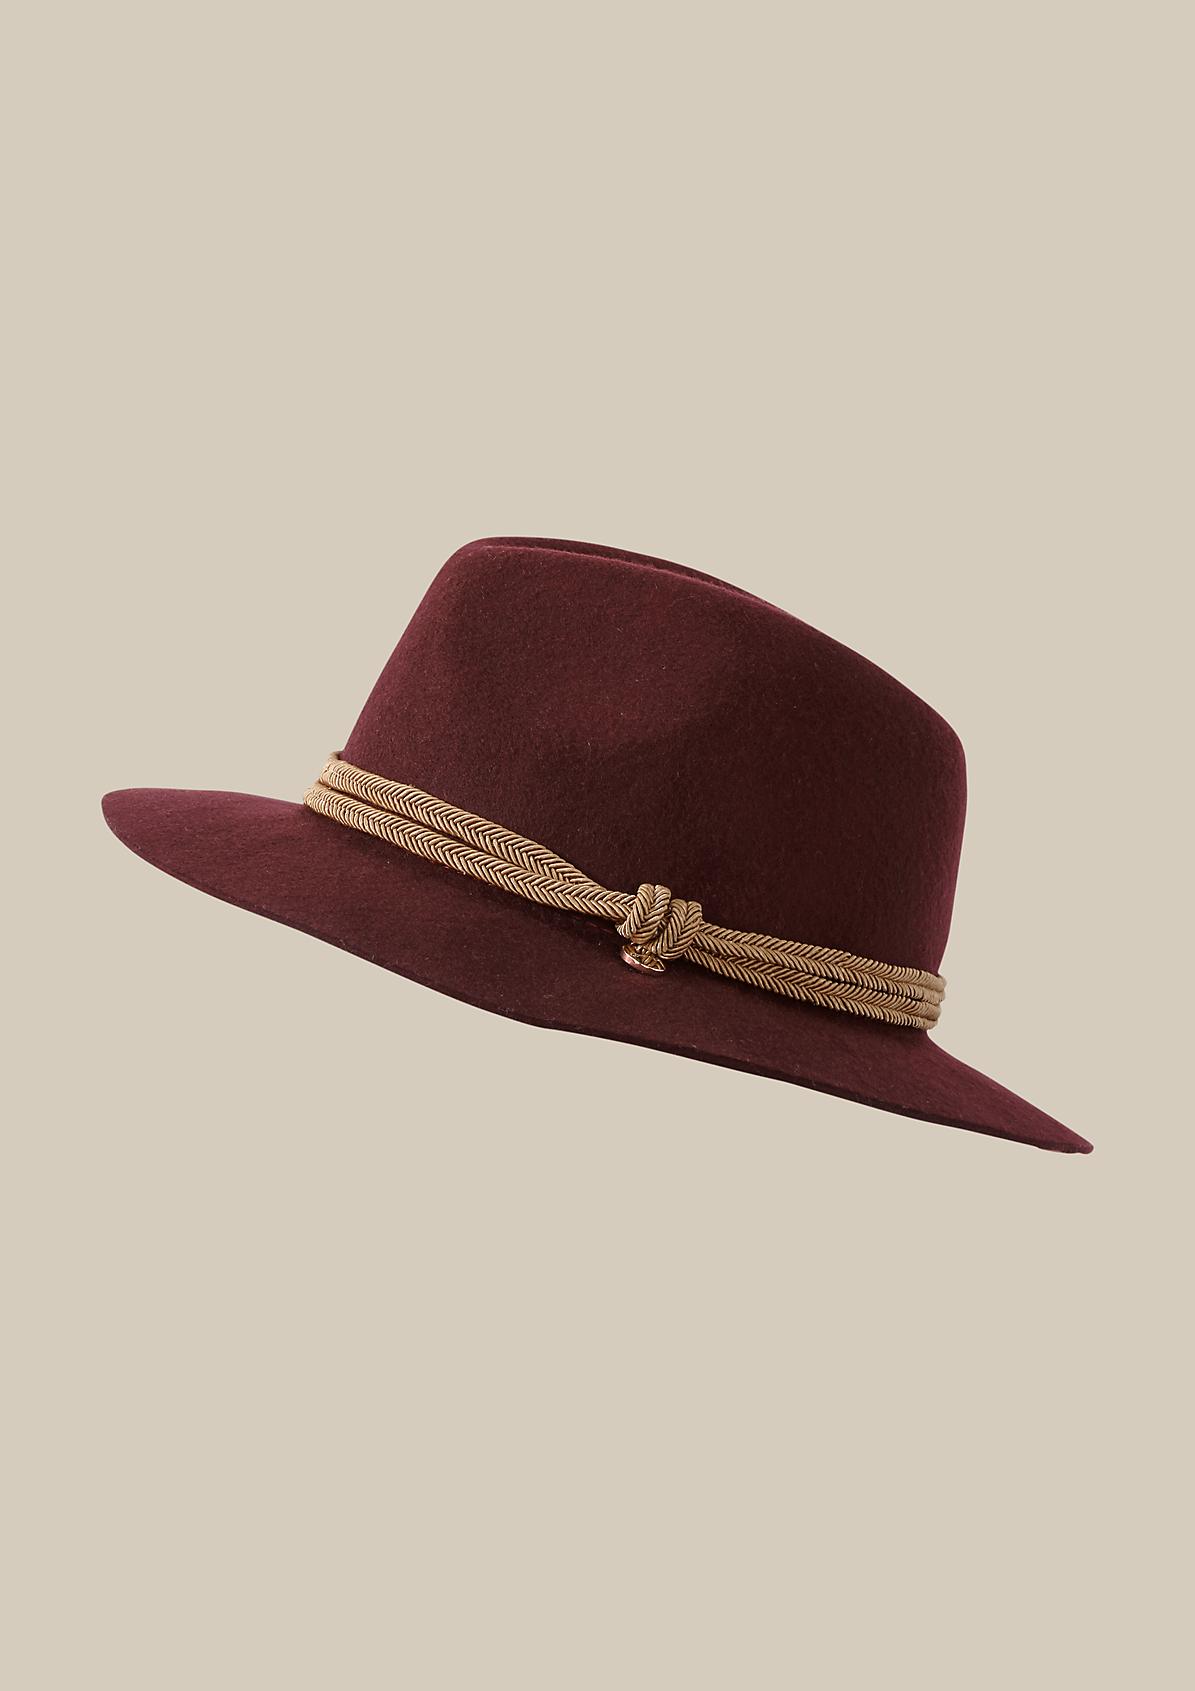 Eleganter Filzhut mit kontrastigem Hutband